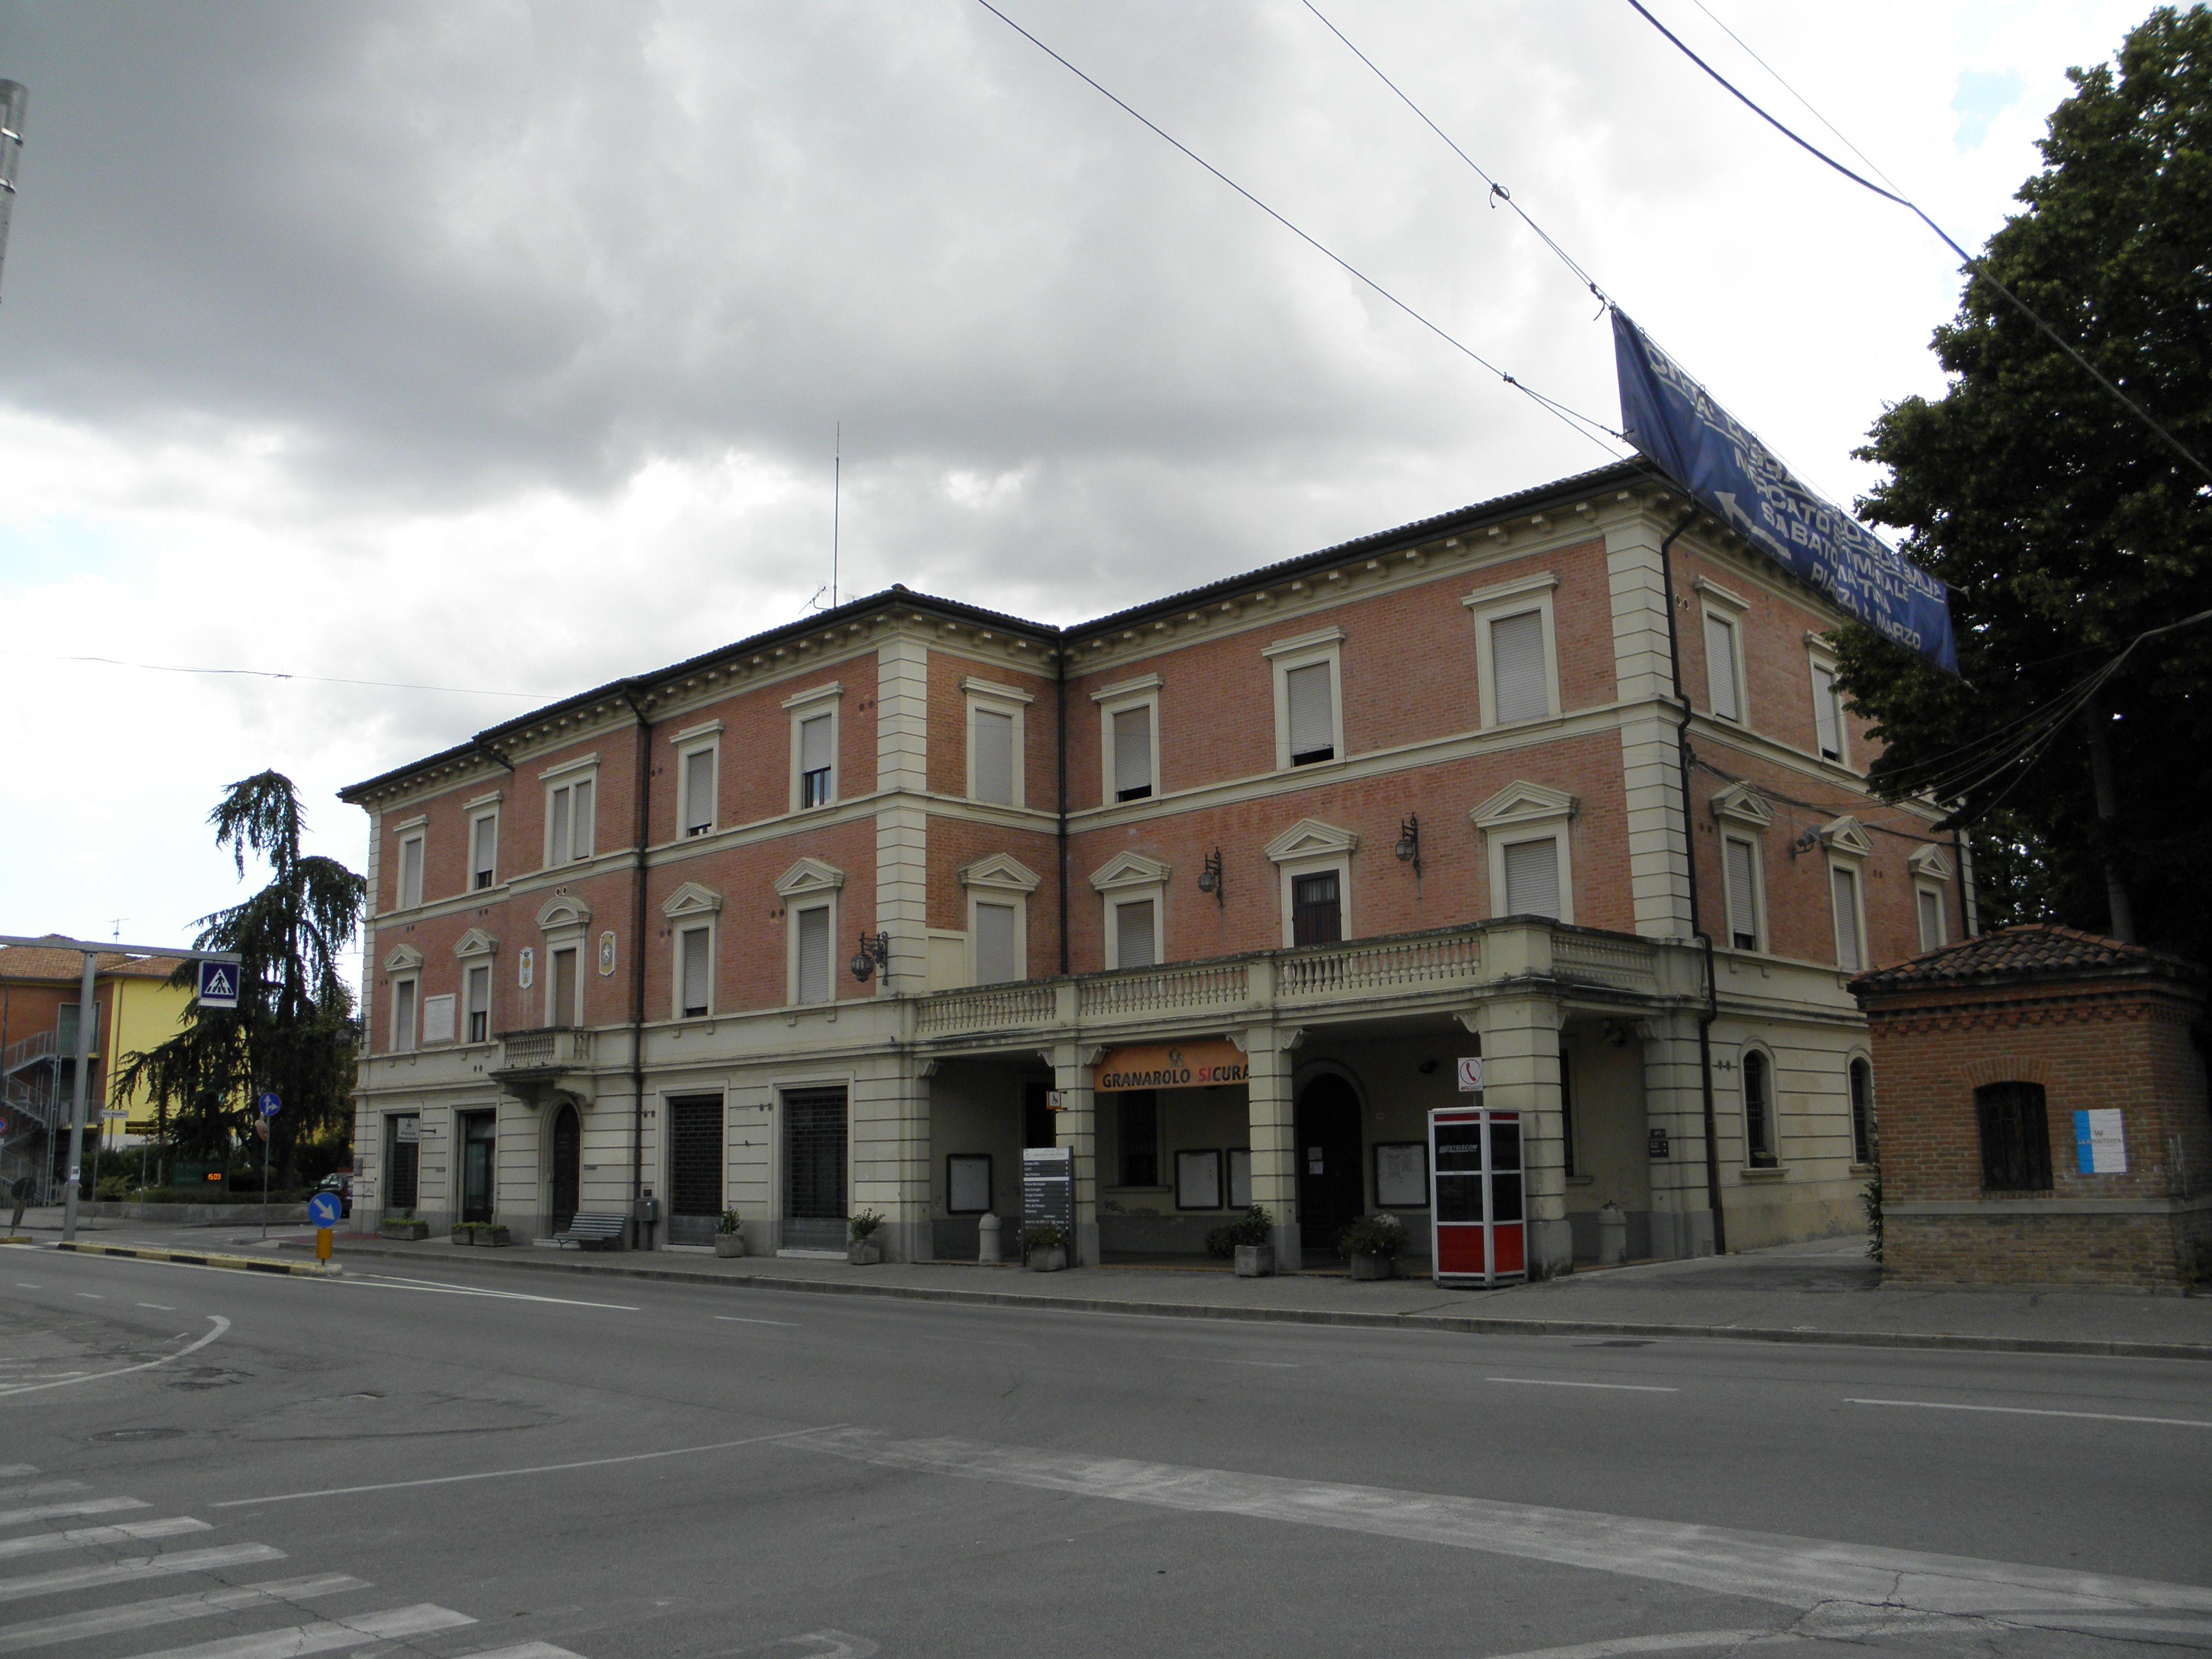 Comune Di Granarolo Dell Emilia granarolo dell'emilia - wikipedia